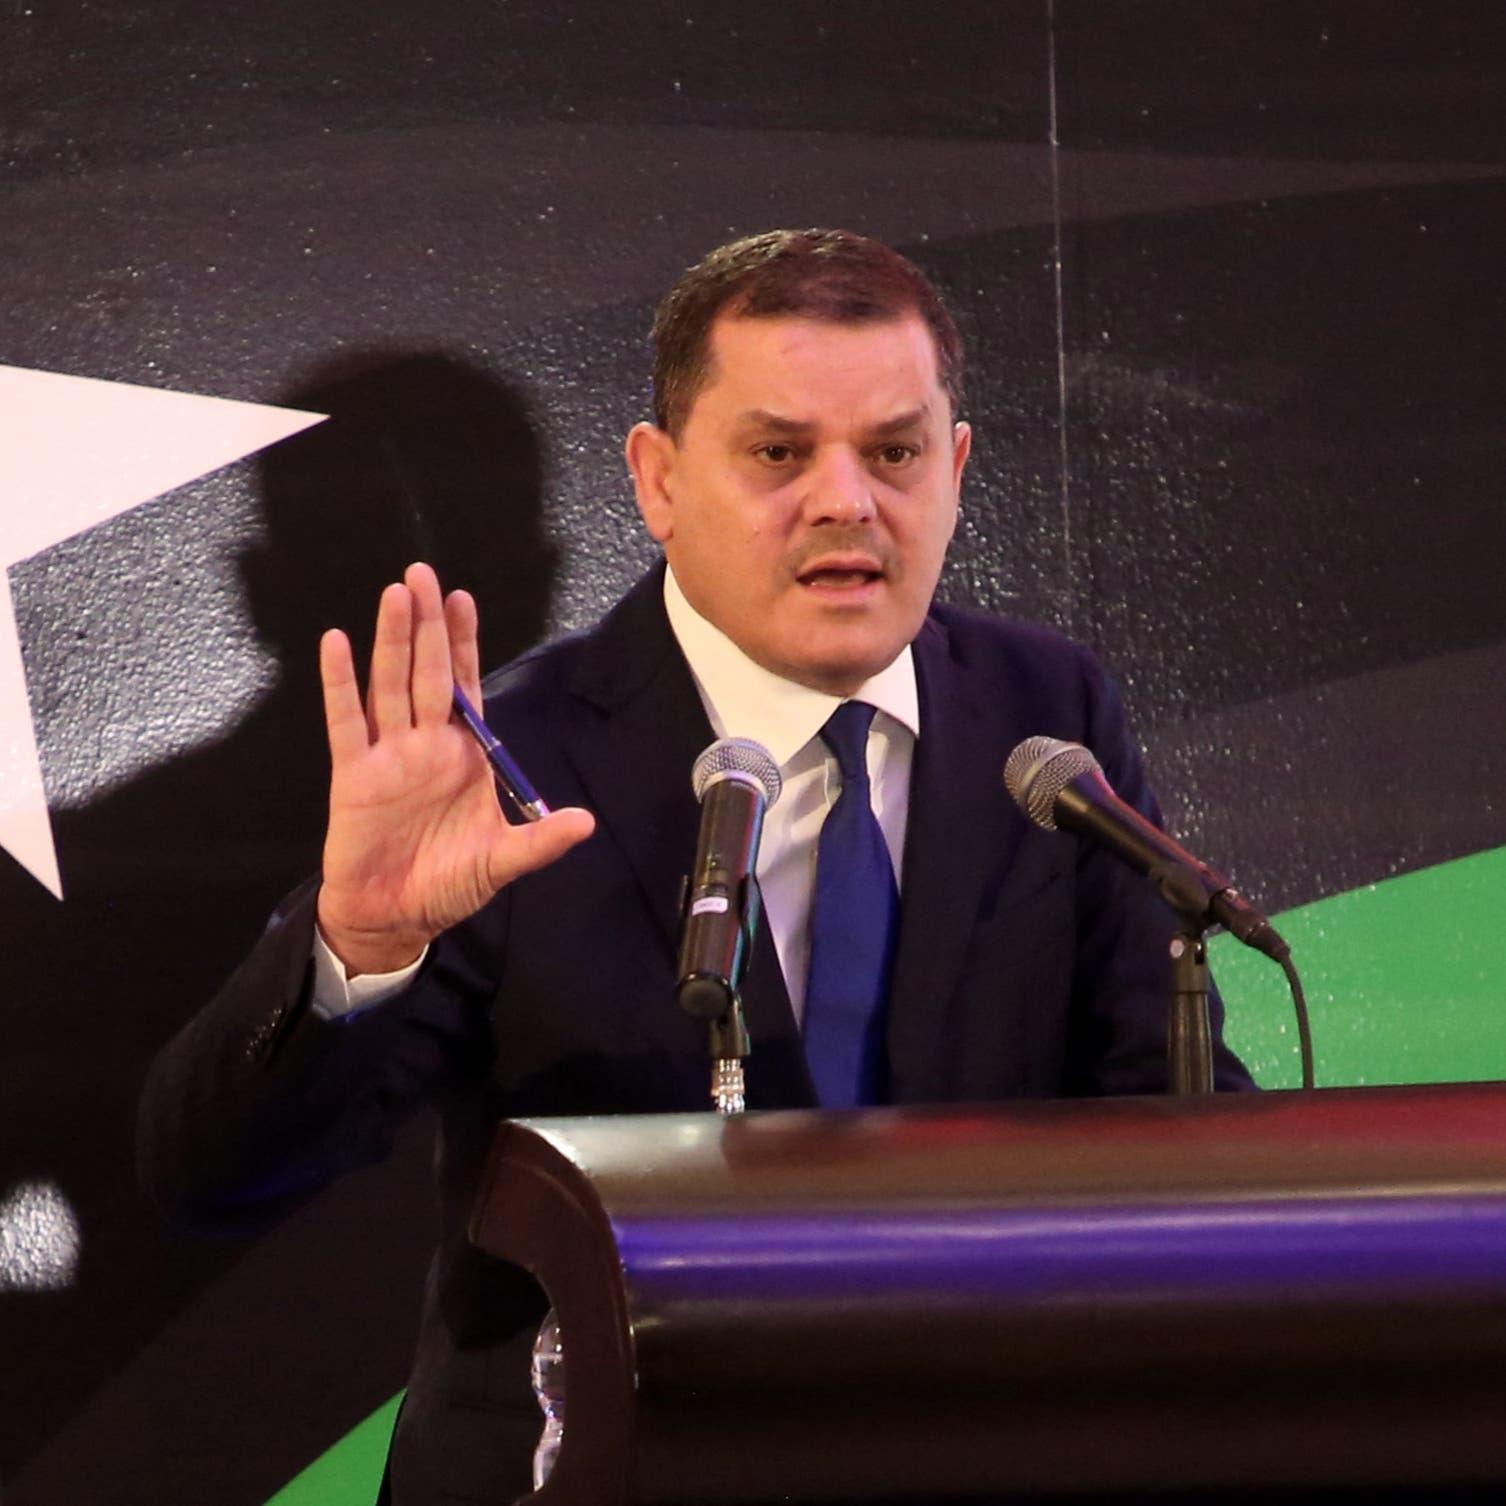 بعد انتقاد أدائها.. برلمان ليبيا يستدعي الحكومة للمساءلة